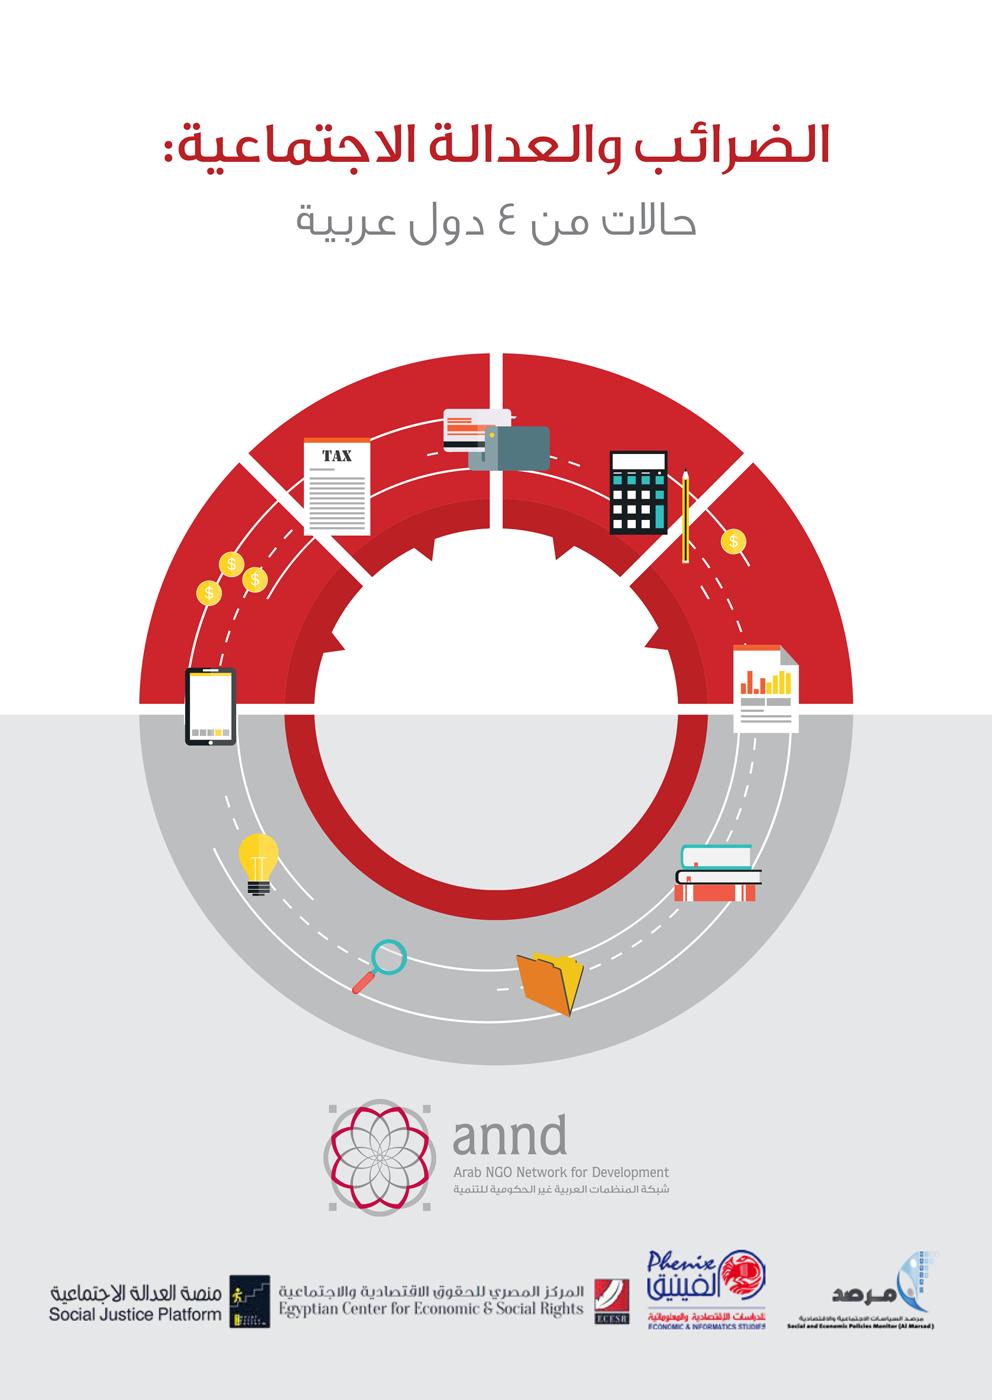 تقرير حول الضرائب والعدالة الإجتماعية في الدول العربية